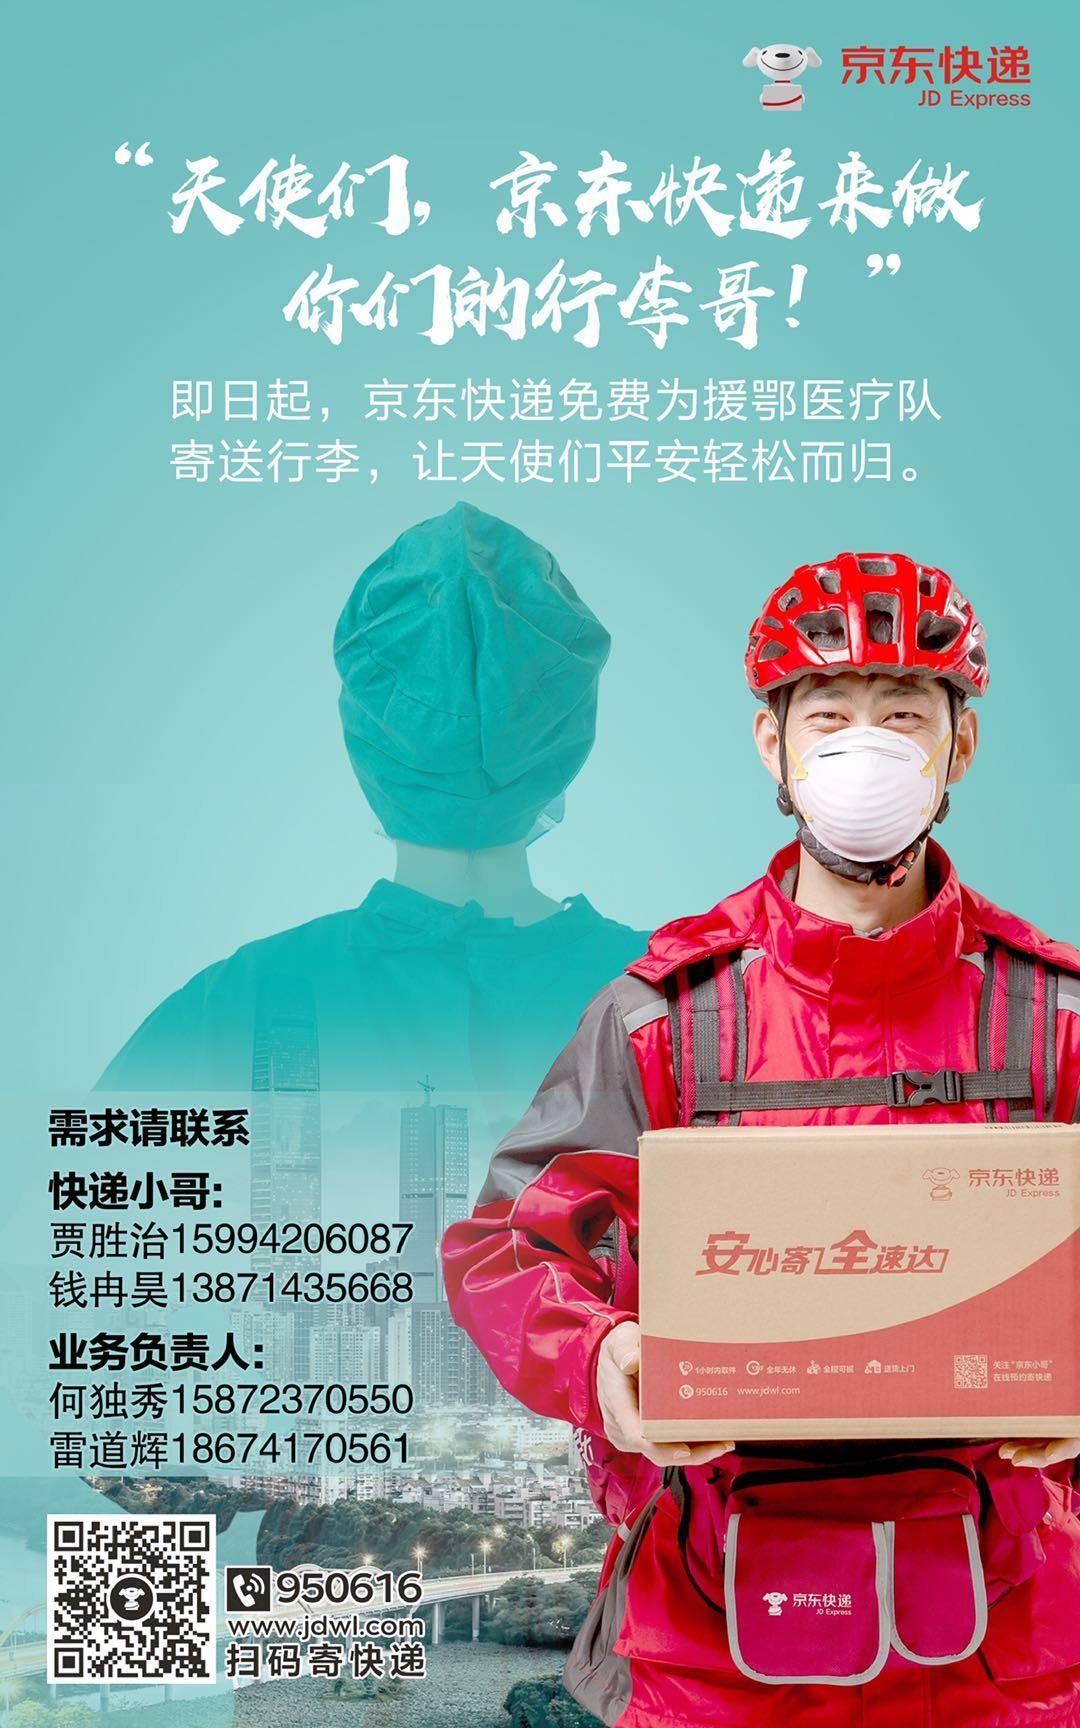 即日起,京东快递免费为援鄂医疗队寄送行李